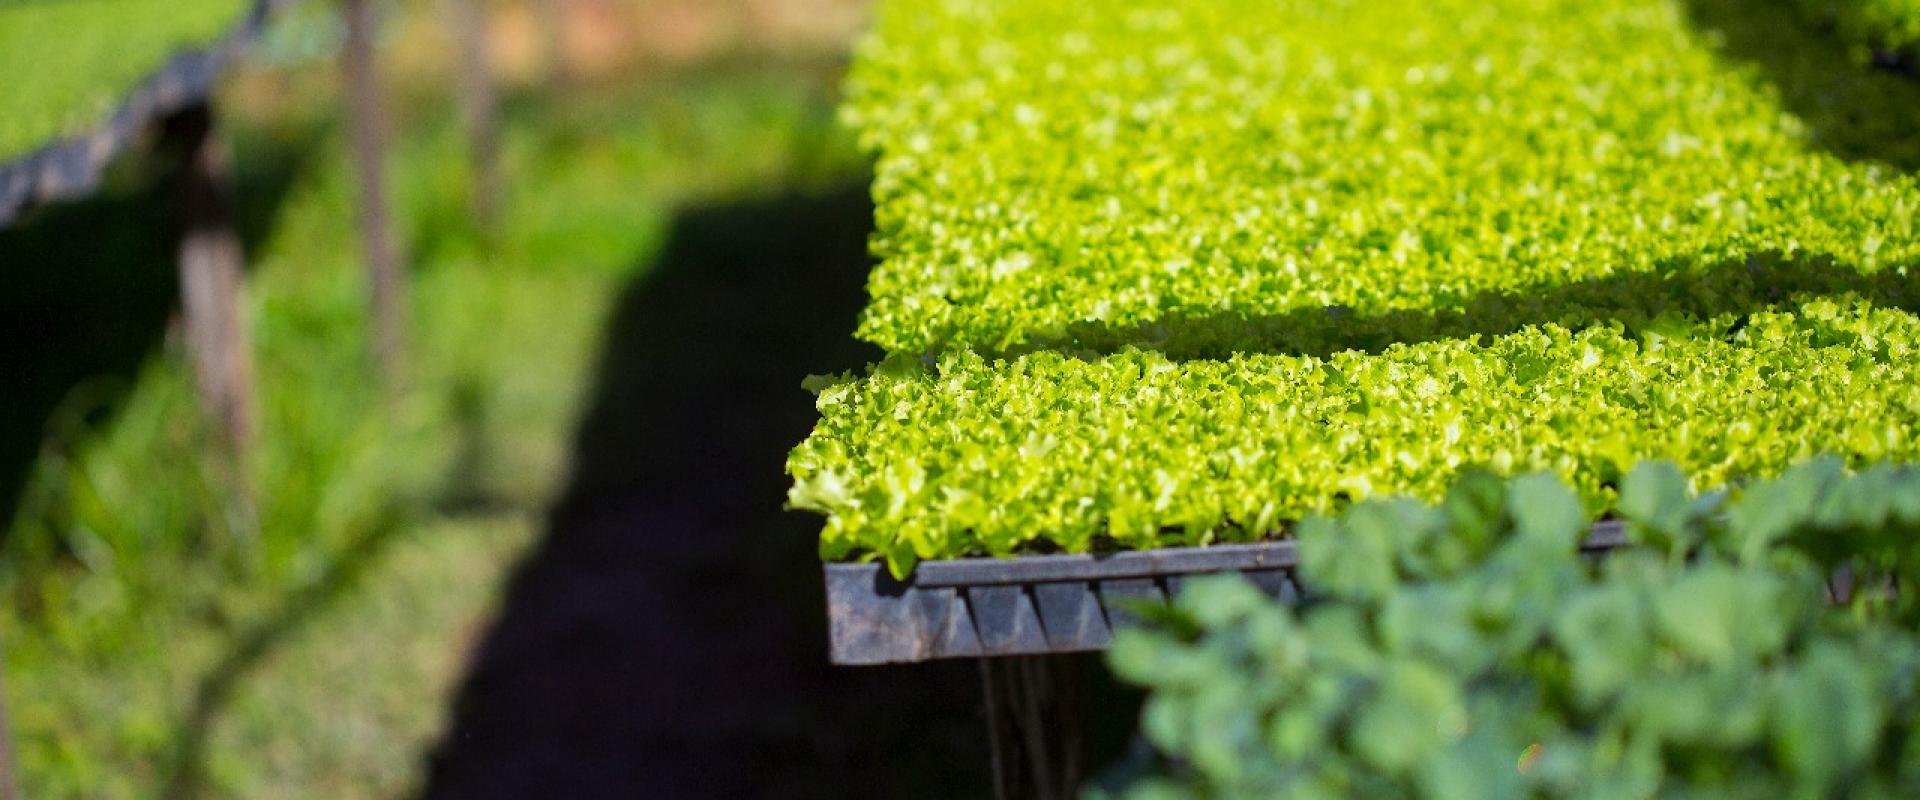 Verduras horta orgânica Orgânico Gourmet